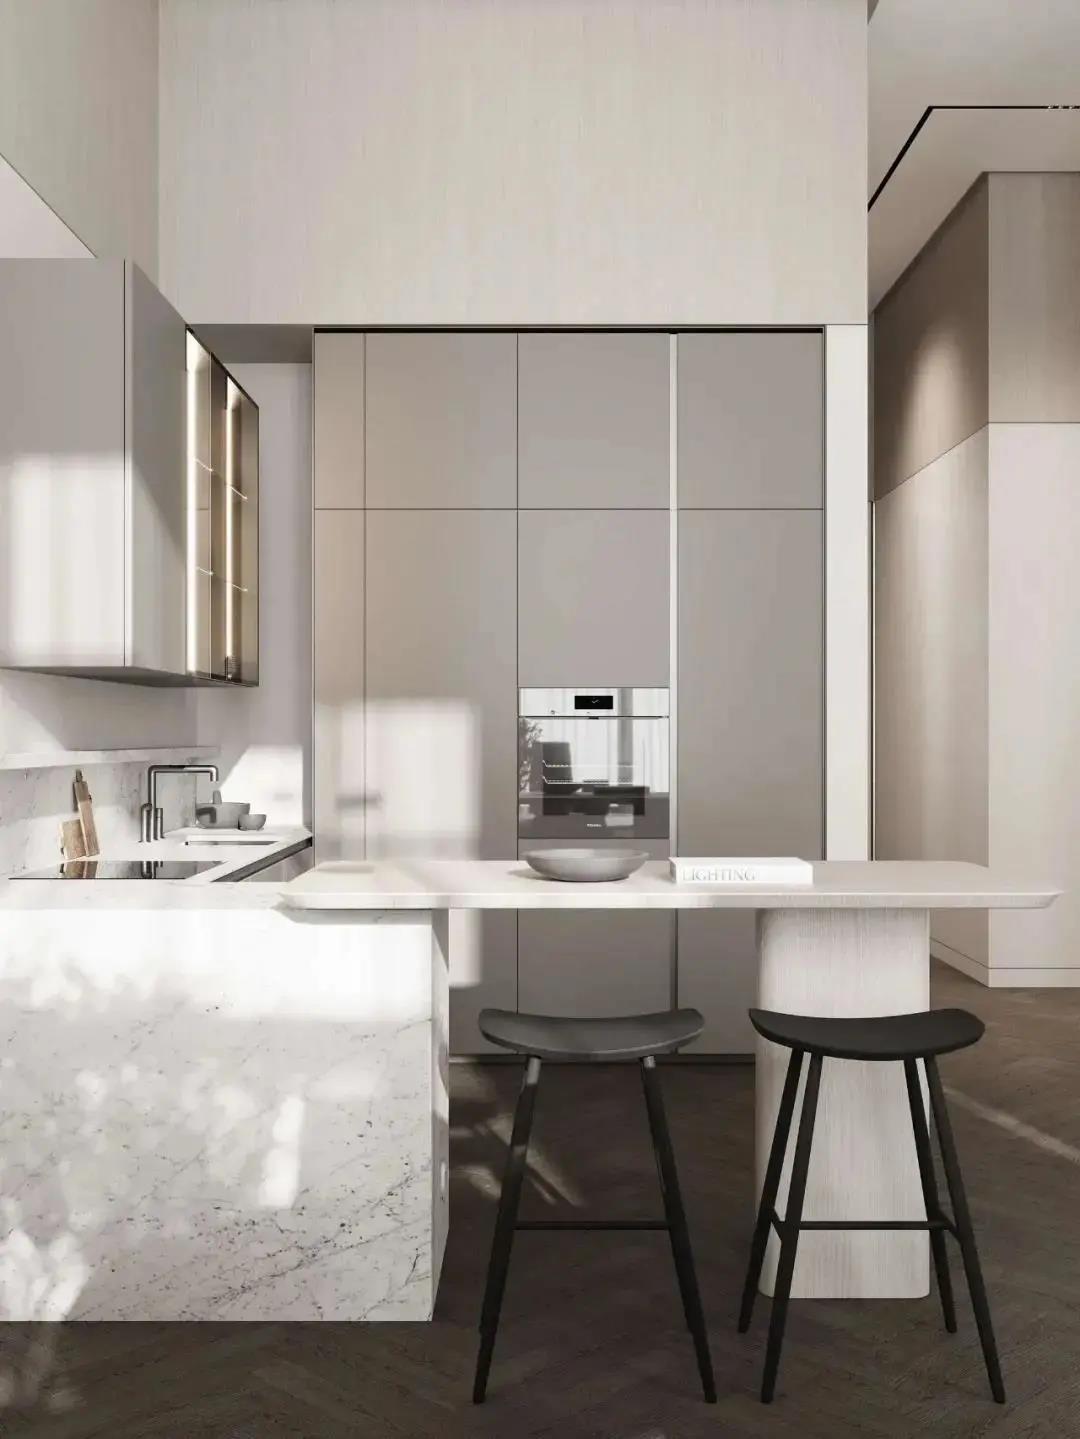 2021现代厨房装修图 2021现代地板砖装修设计